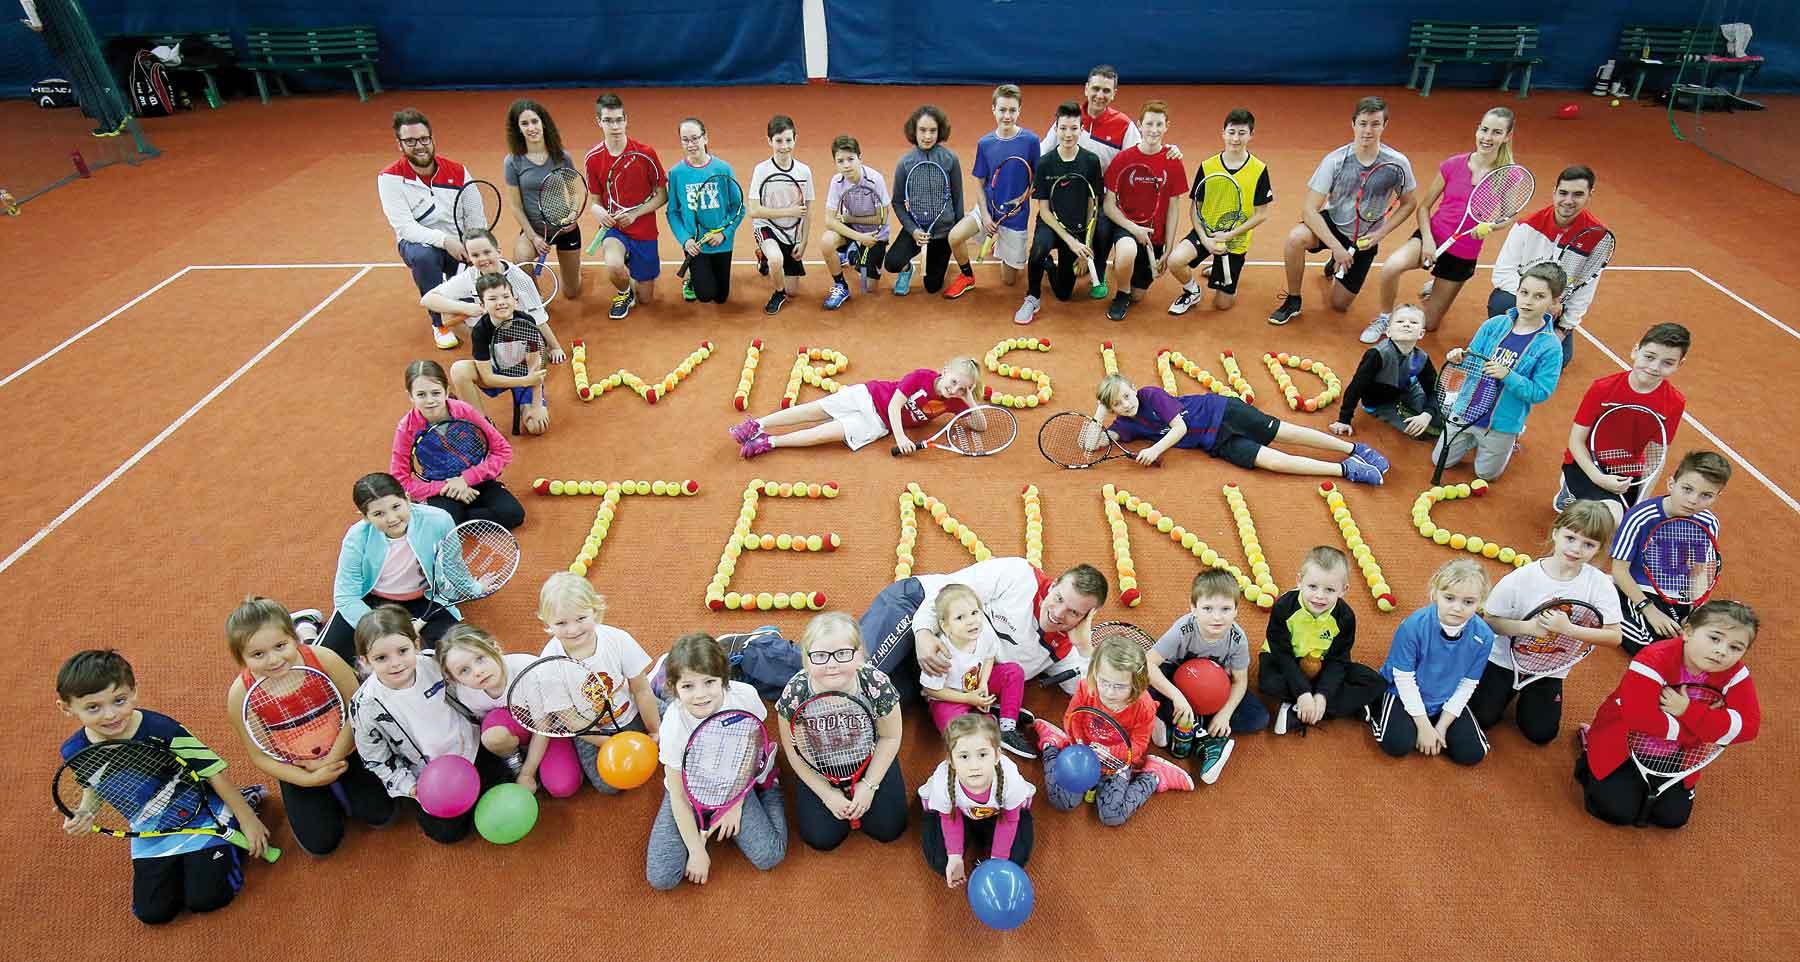 Wir sind Tennis! Sport-Hotel-Kurz Oberpullendorf optiamal für Kinder- & Jugendtennistraining